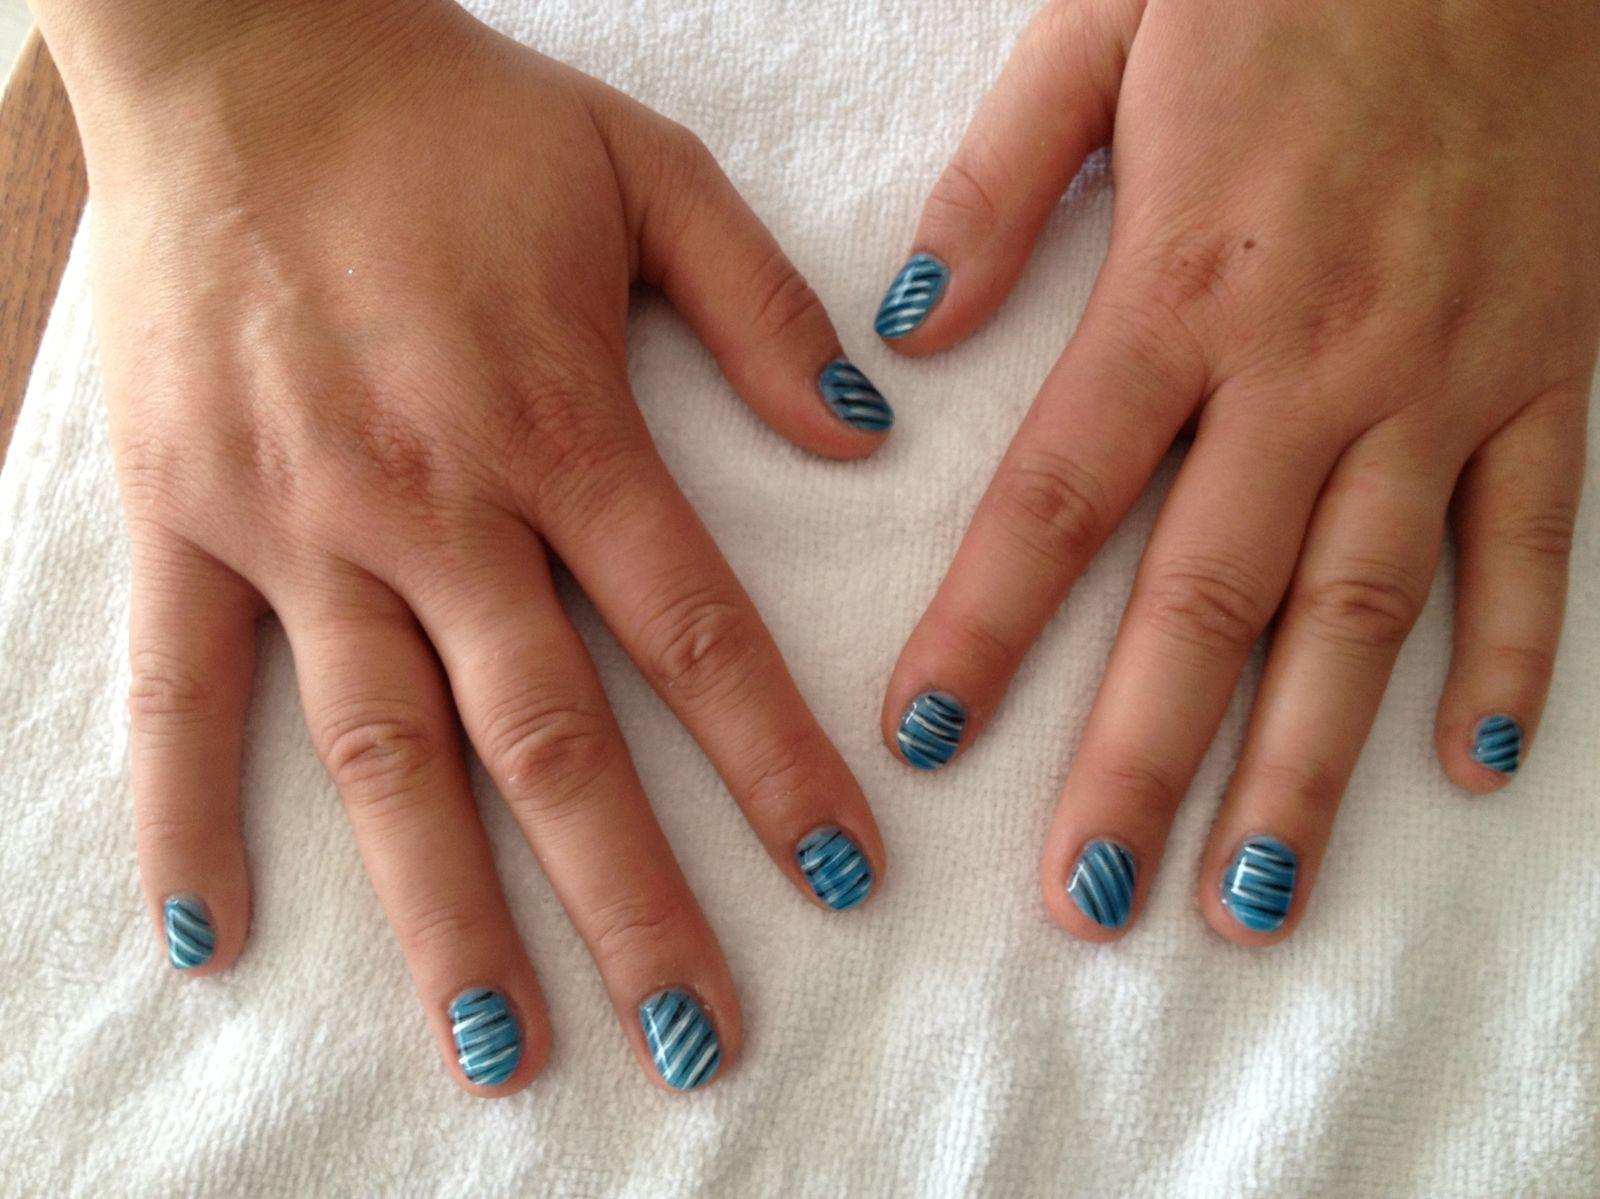 Ongles bleu et d coration z br e noire et argent ongle for Decoration ongle